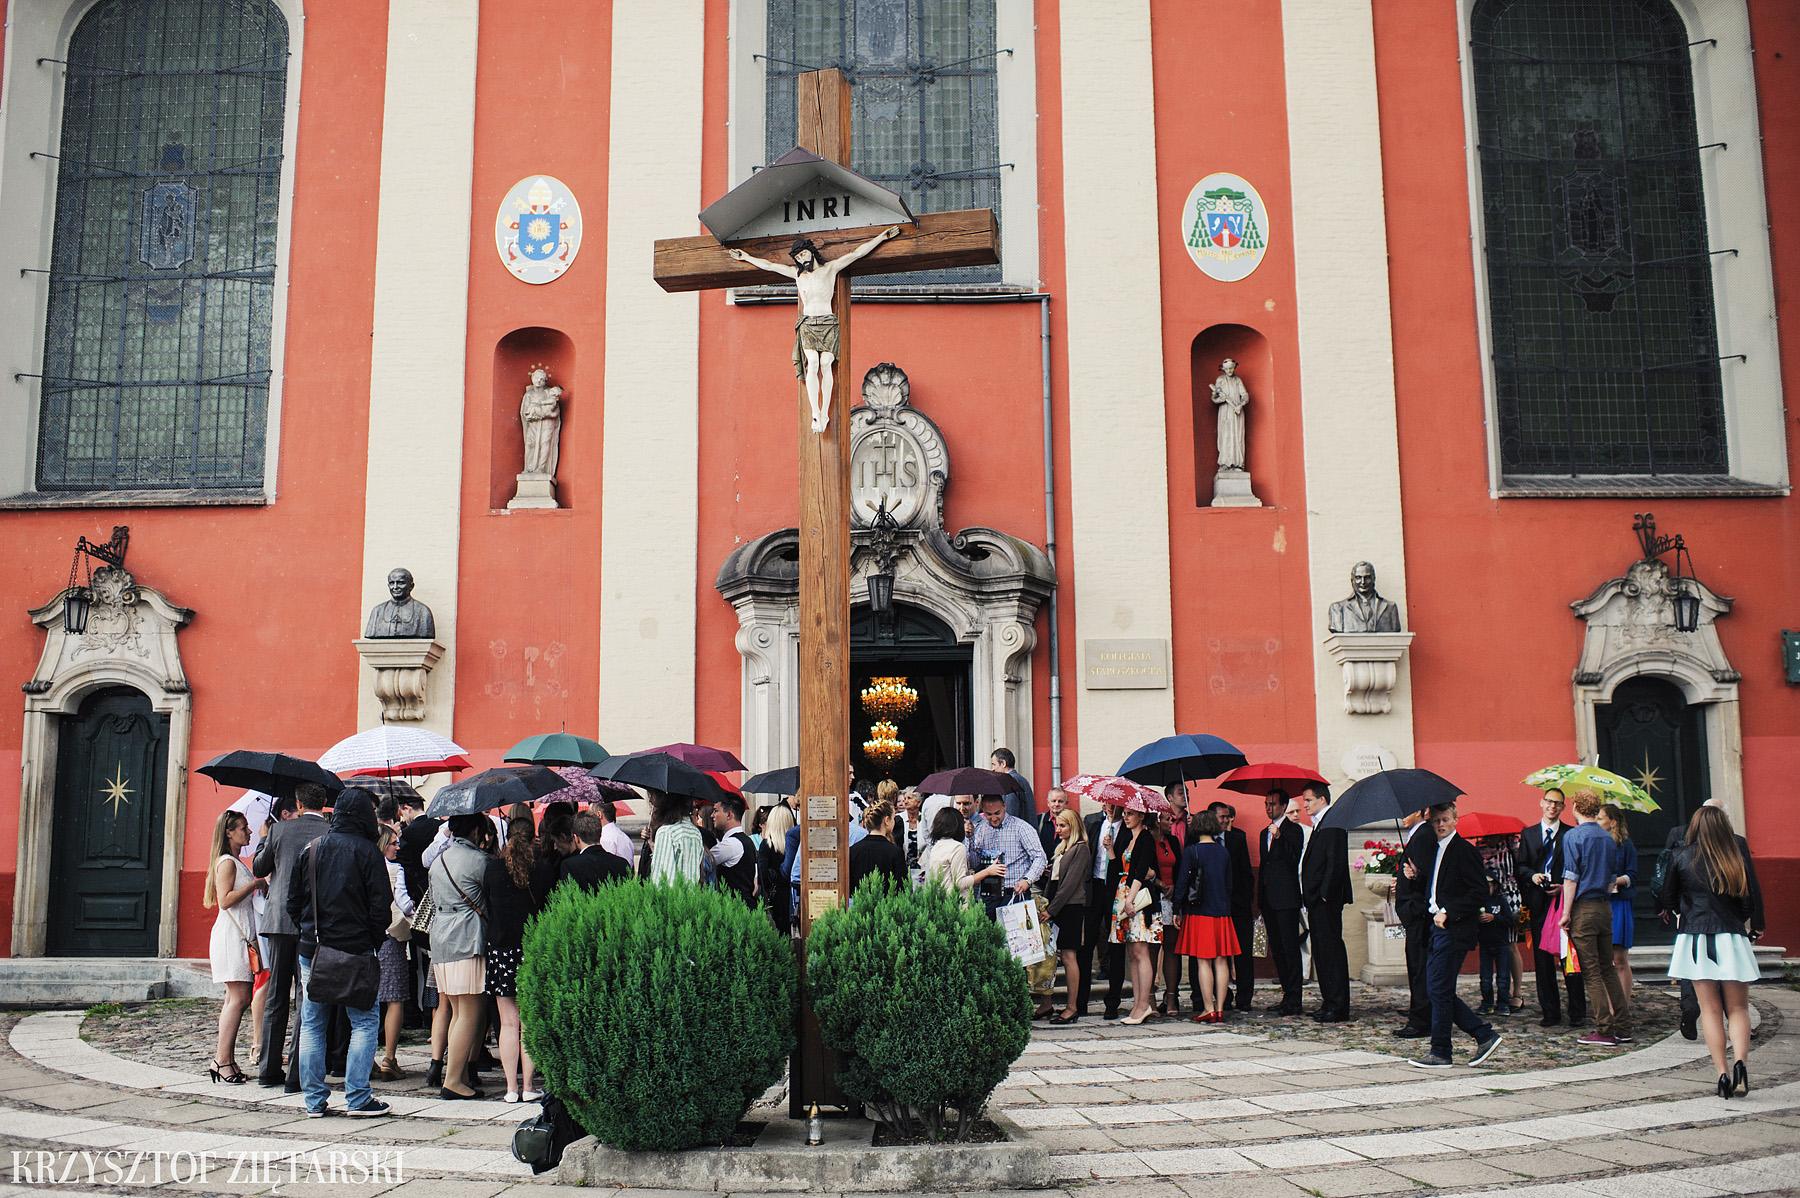 Justyna i Konrad - Fotografia ślubna Gdańsk, Kościół św.Ignacego Stare Szkoty, Restauracja Tabun Otomin - 21.